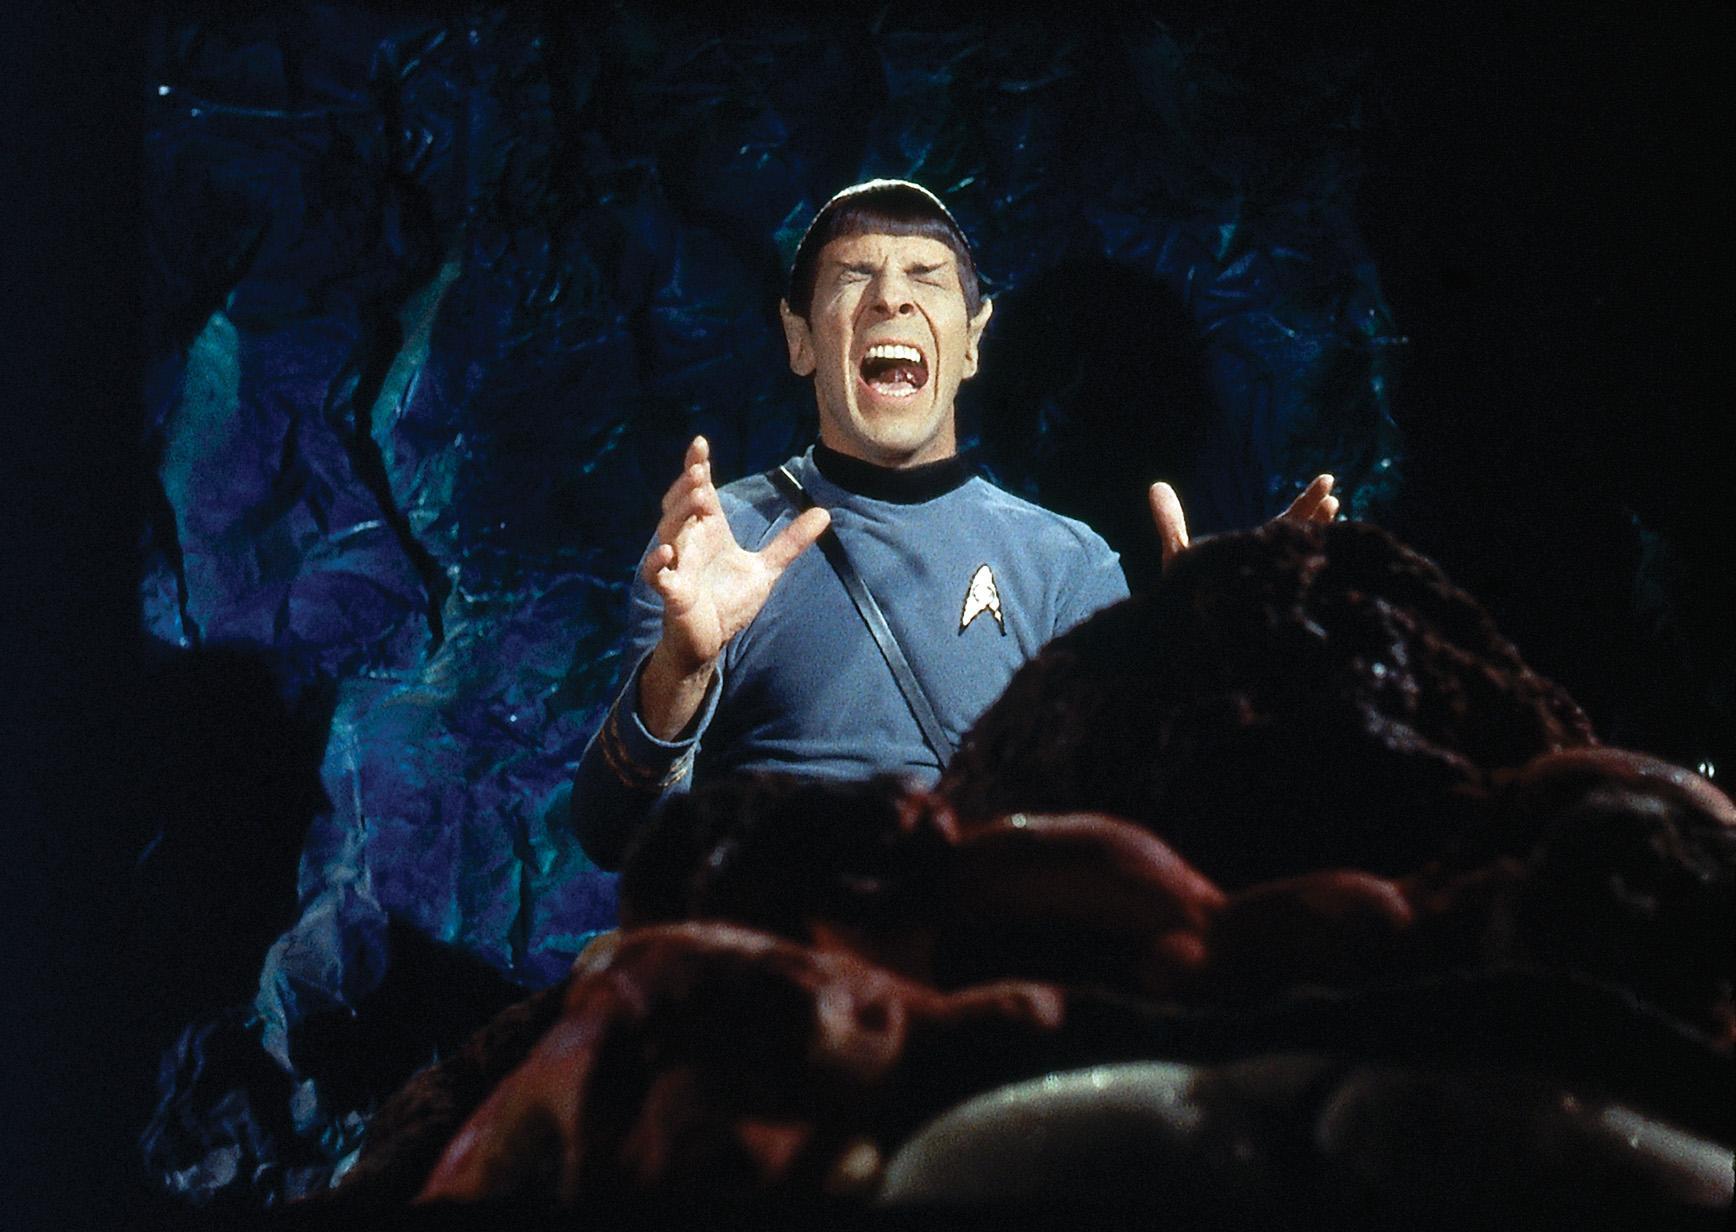 Leonard Nimoy's Mr. Spock